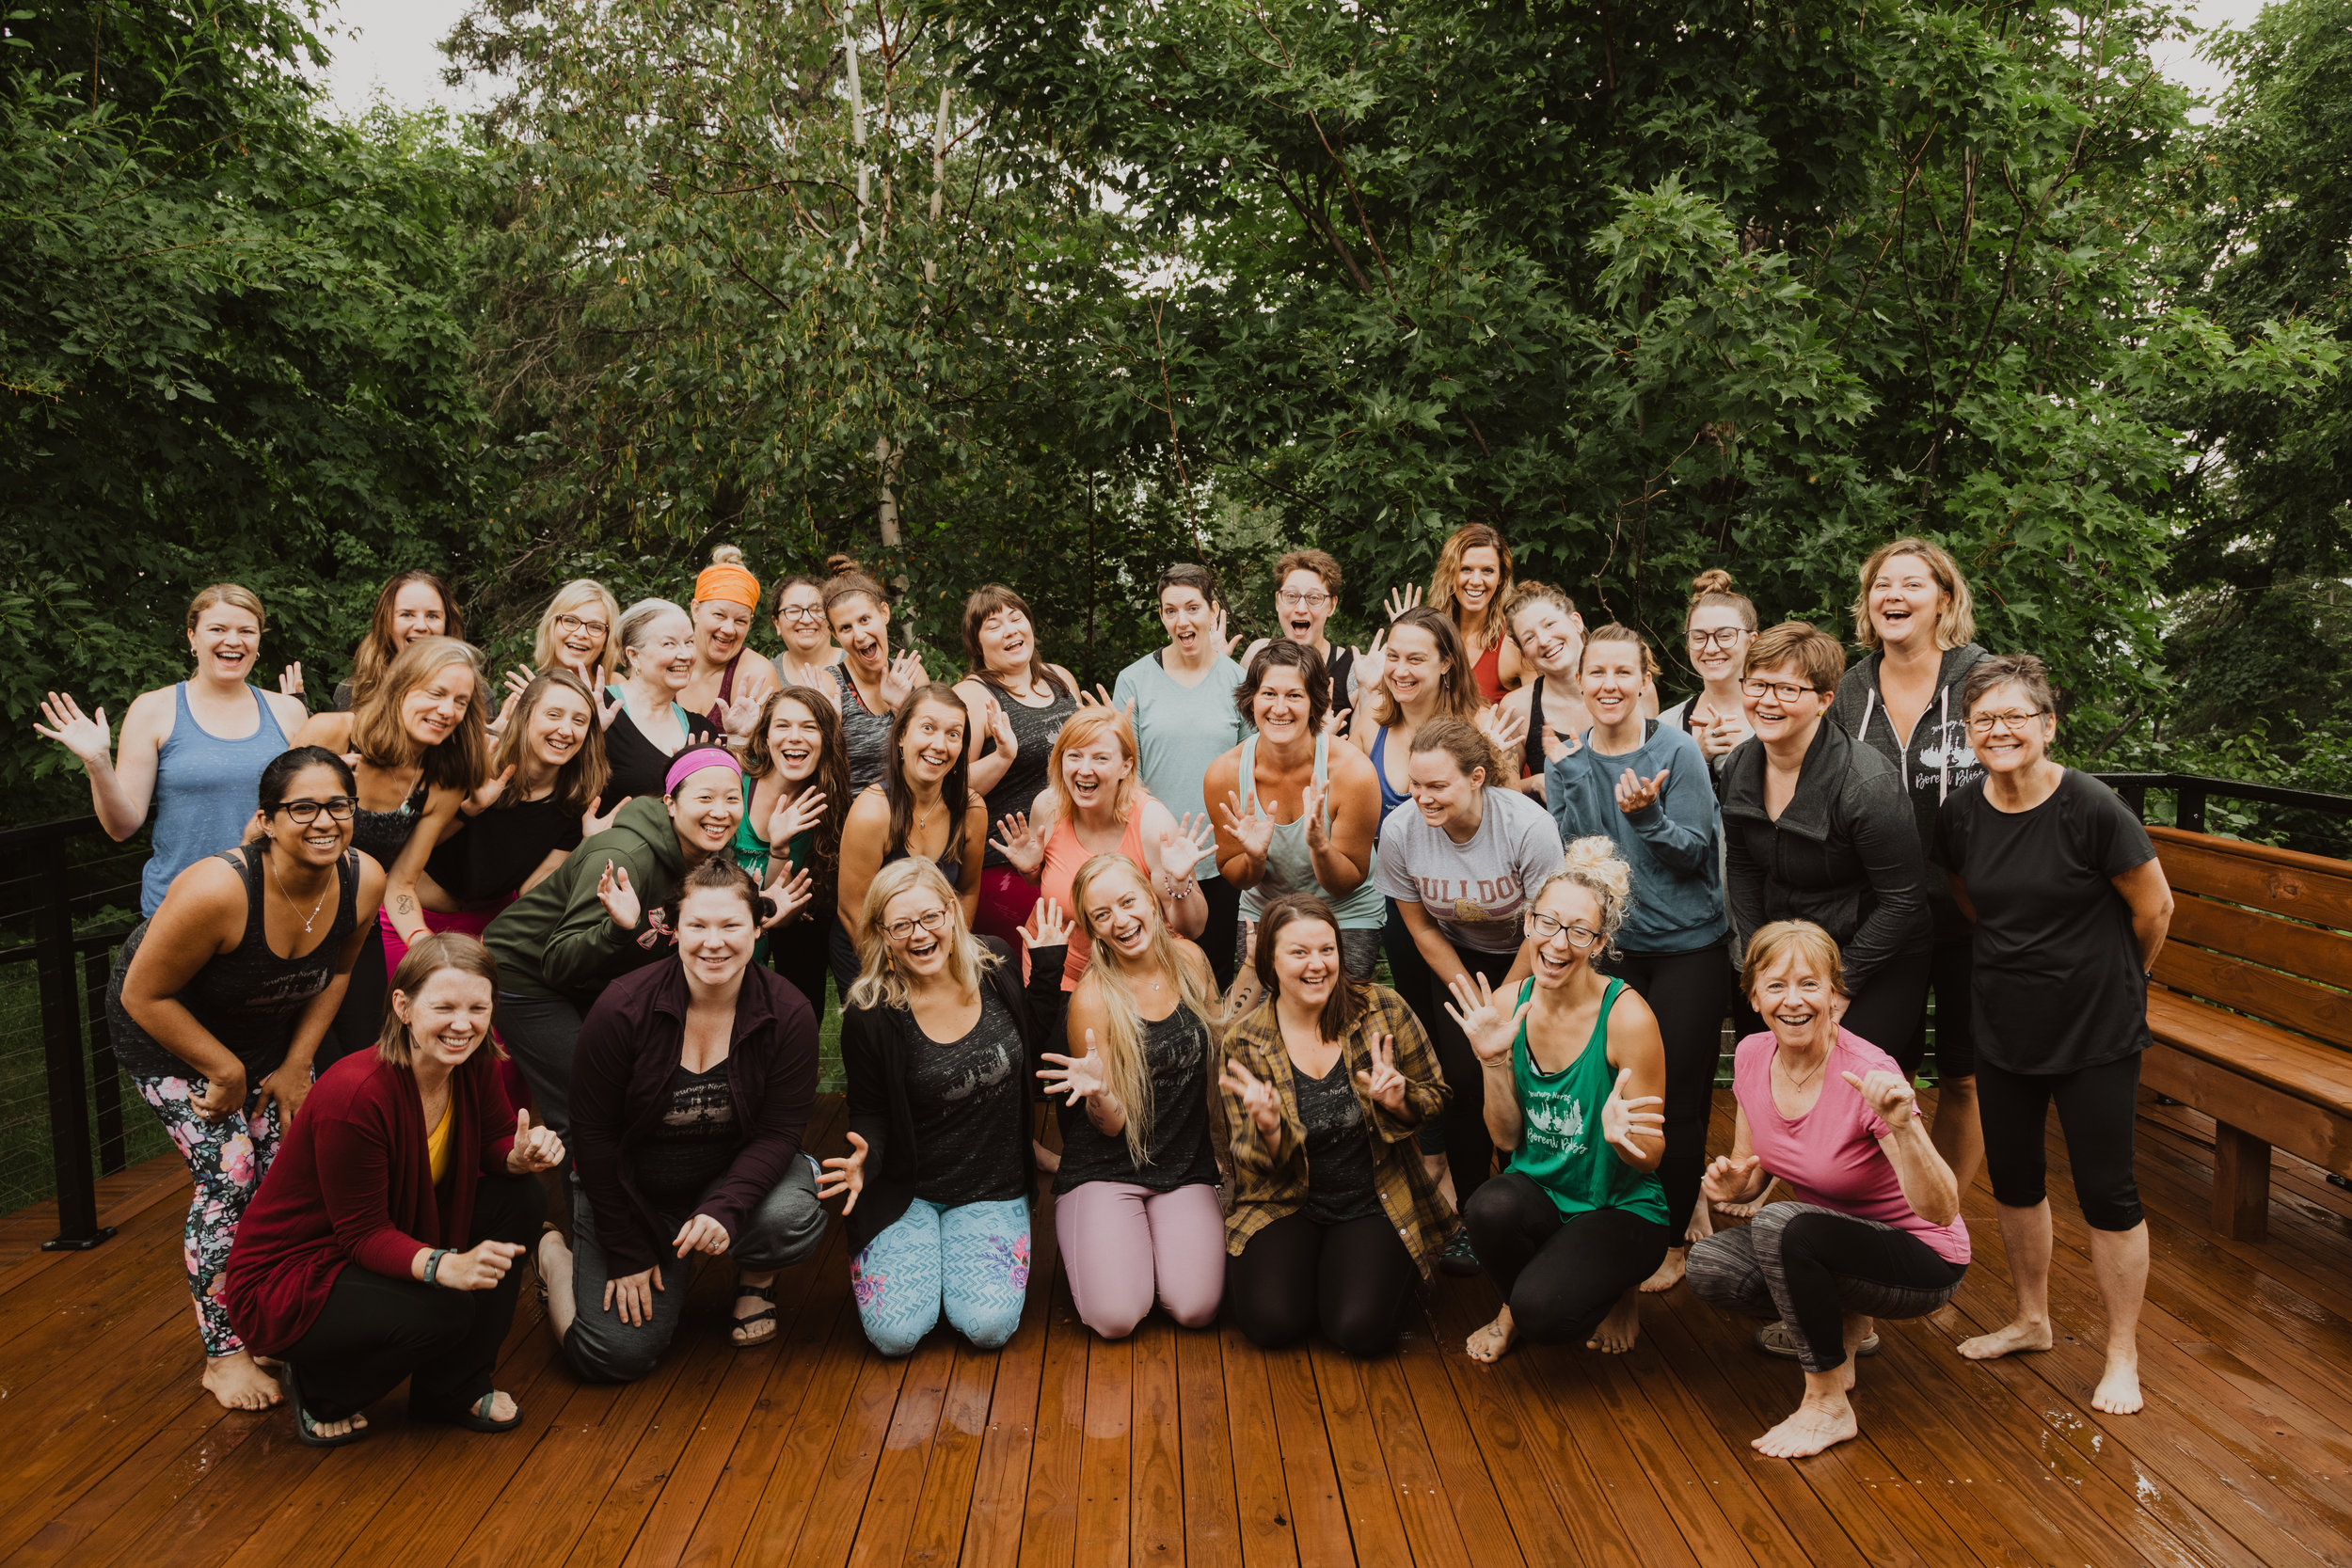 wild women group photo.jpg